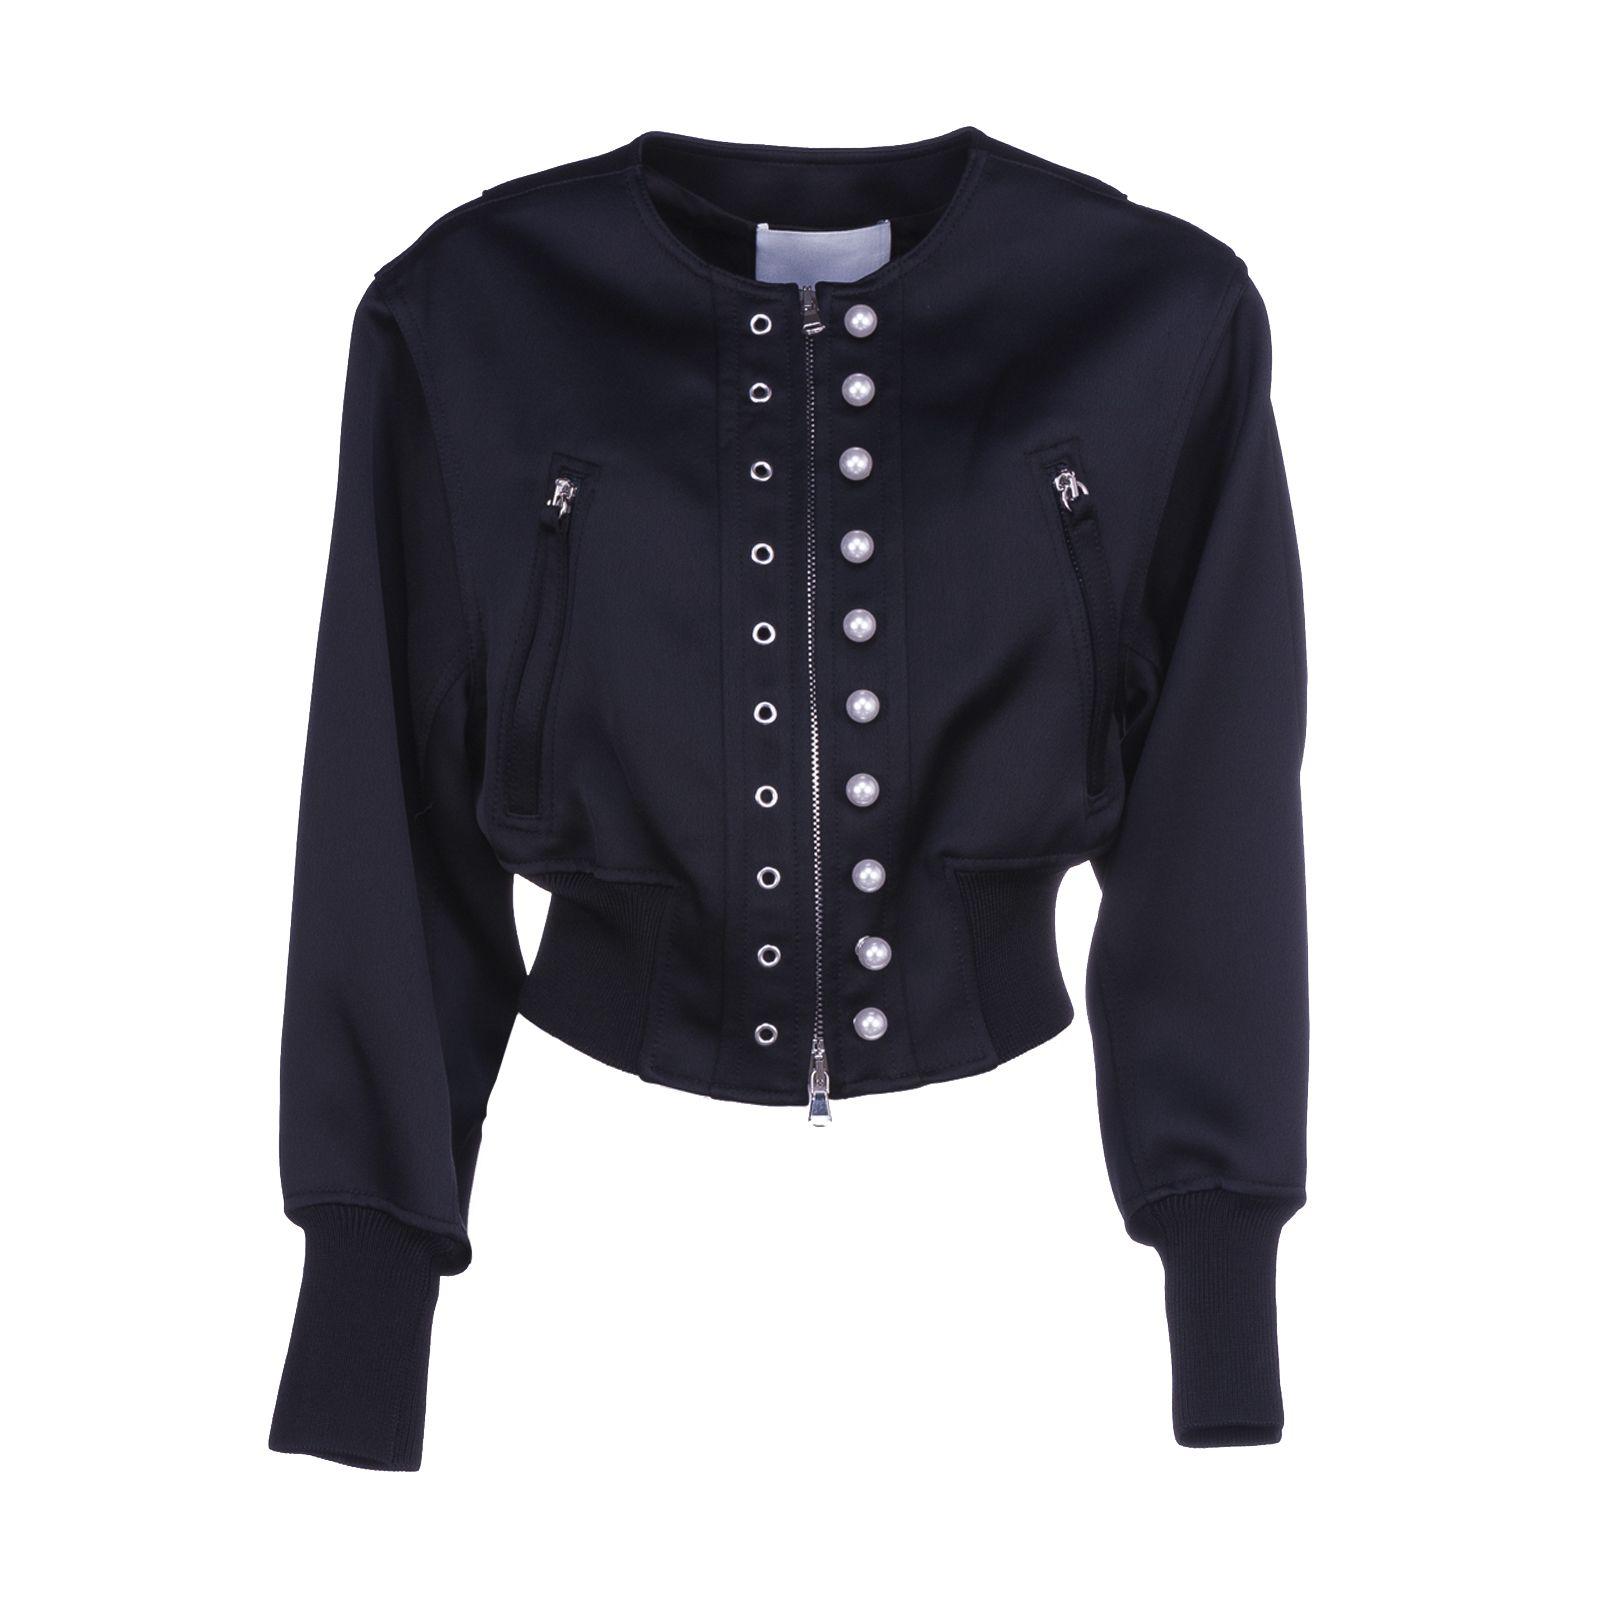 3.1 Phillip Lim Embellished Cropped Jacket